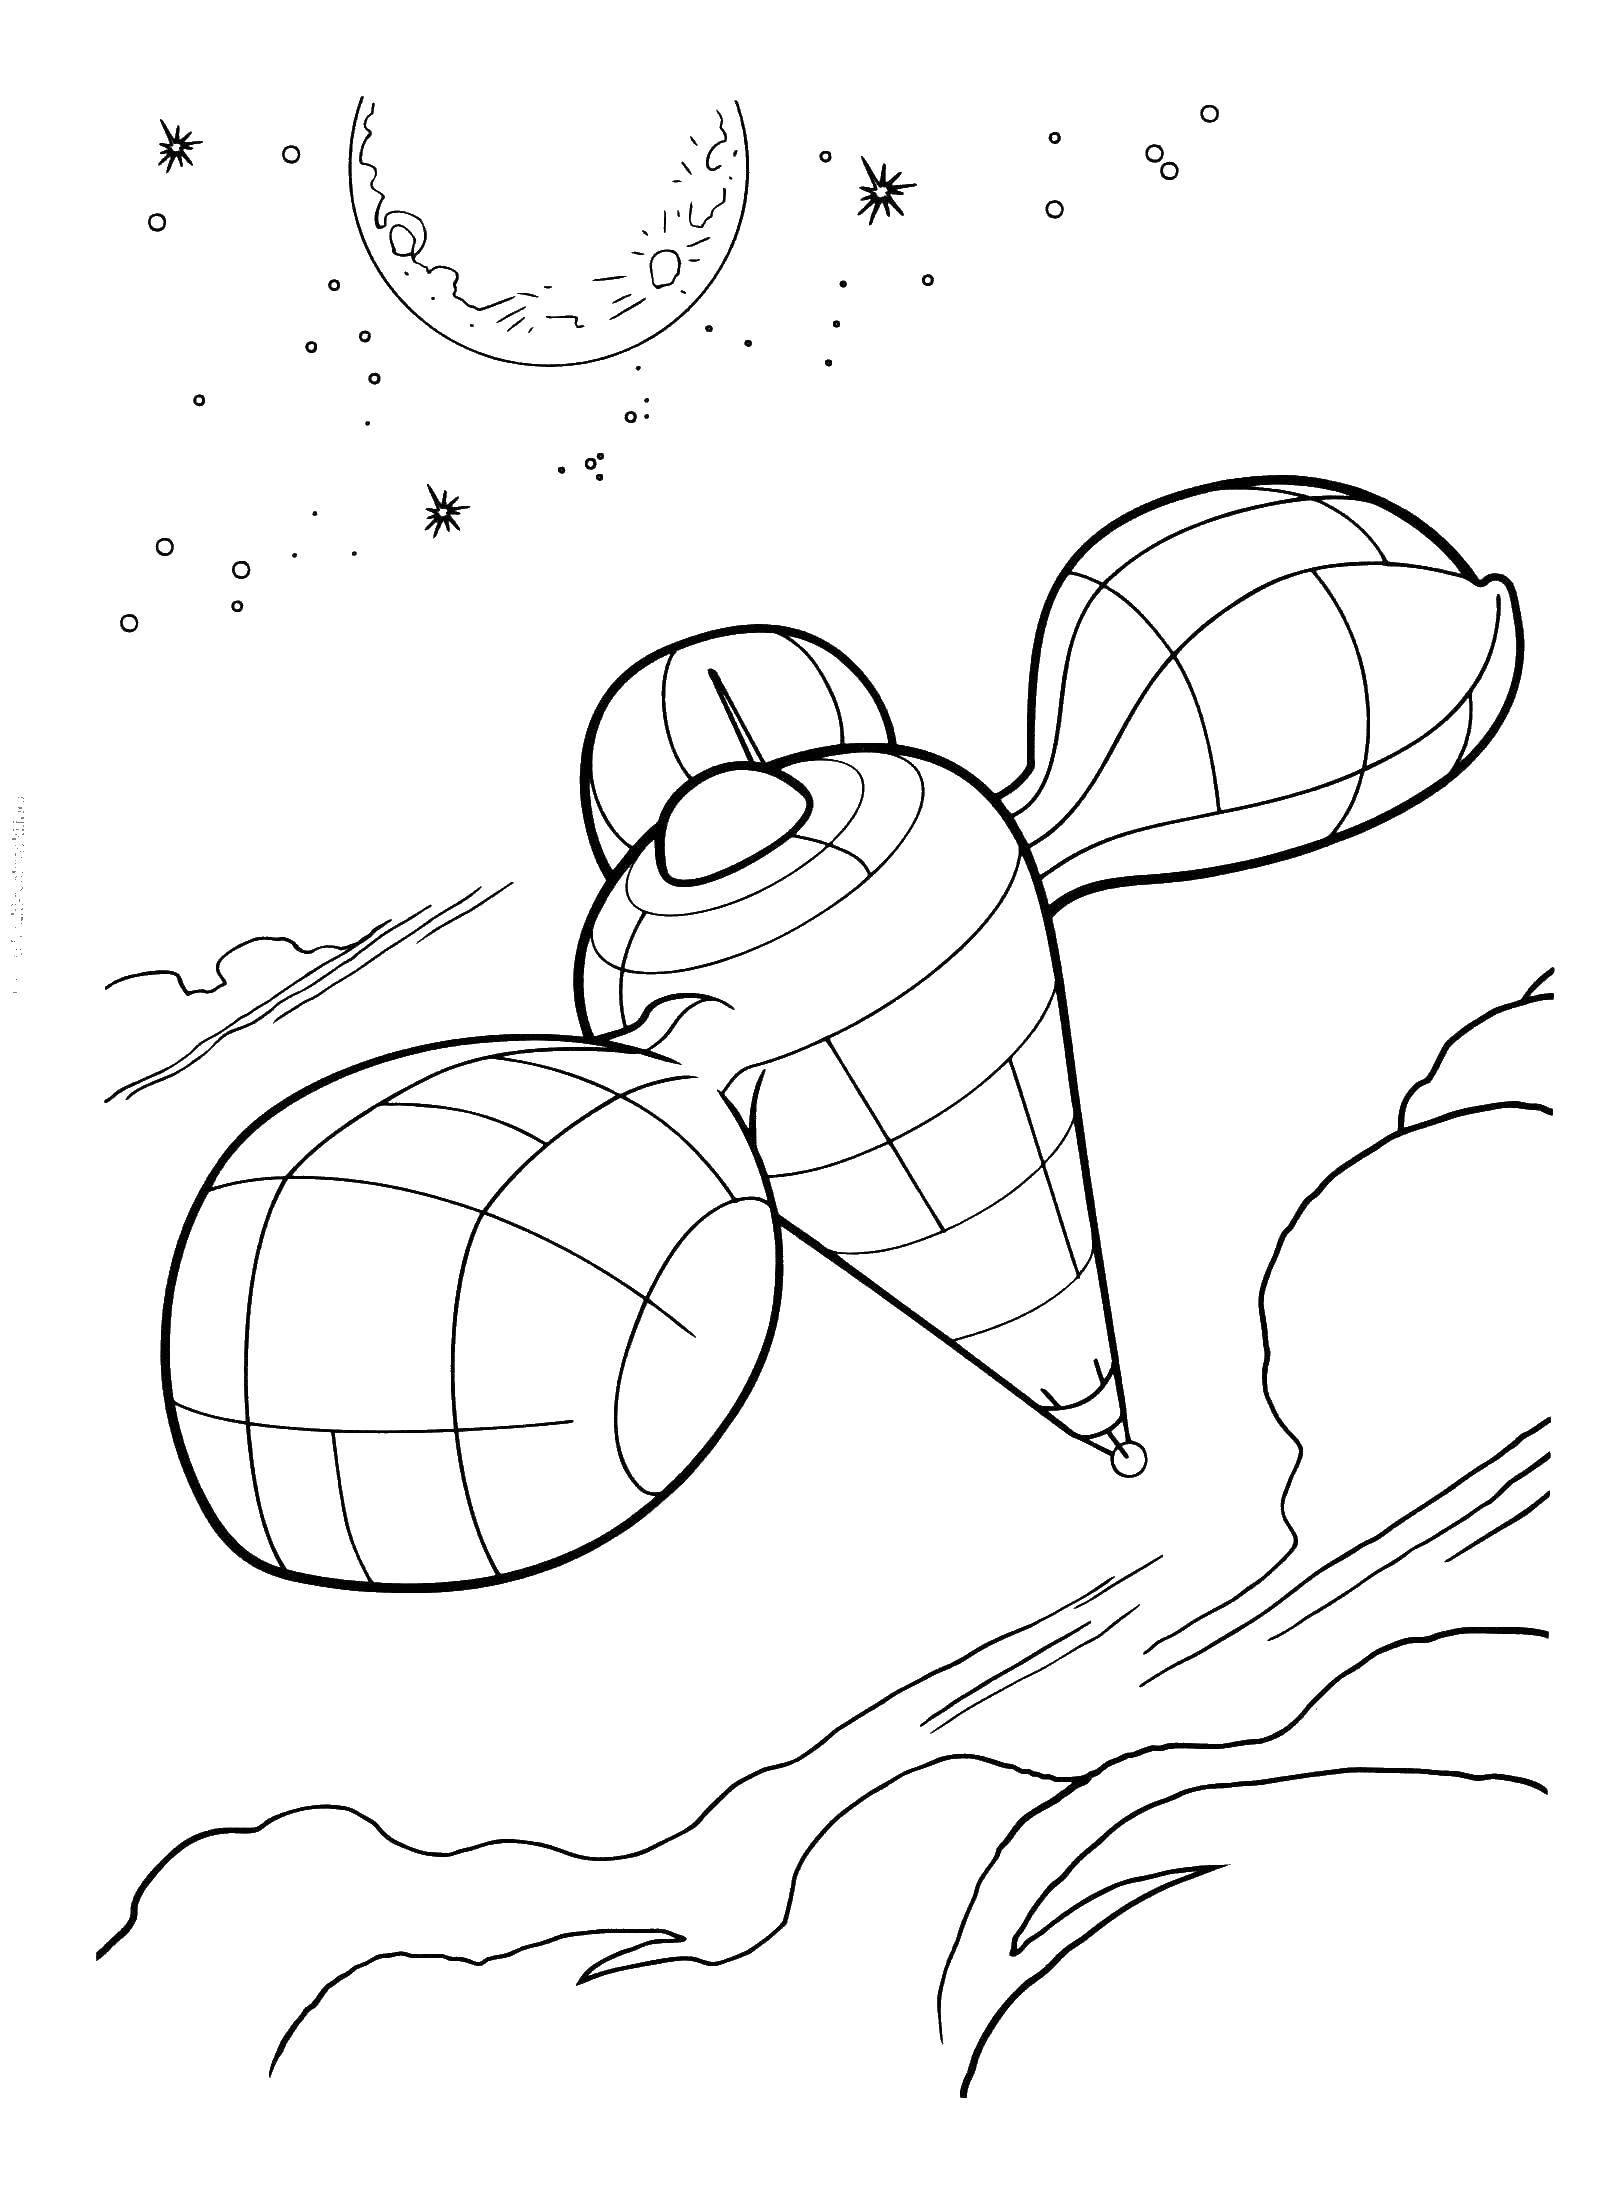 Раскраска Космический корабль Скачать космические корабли, .  Распечатать ,Монстры против Пришельцев,